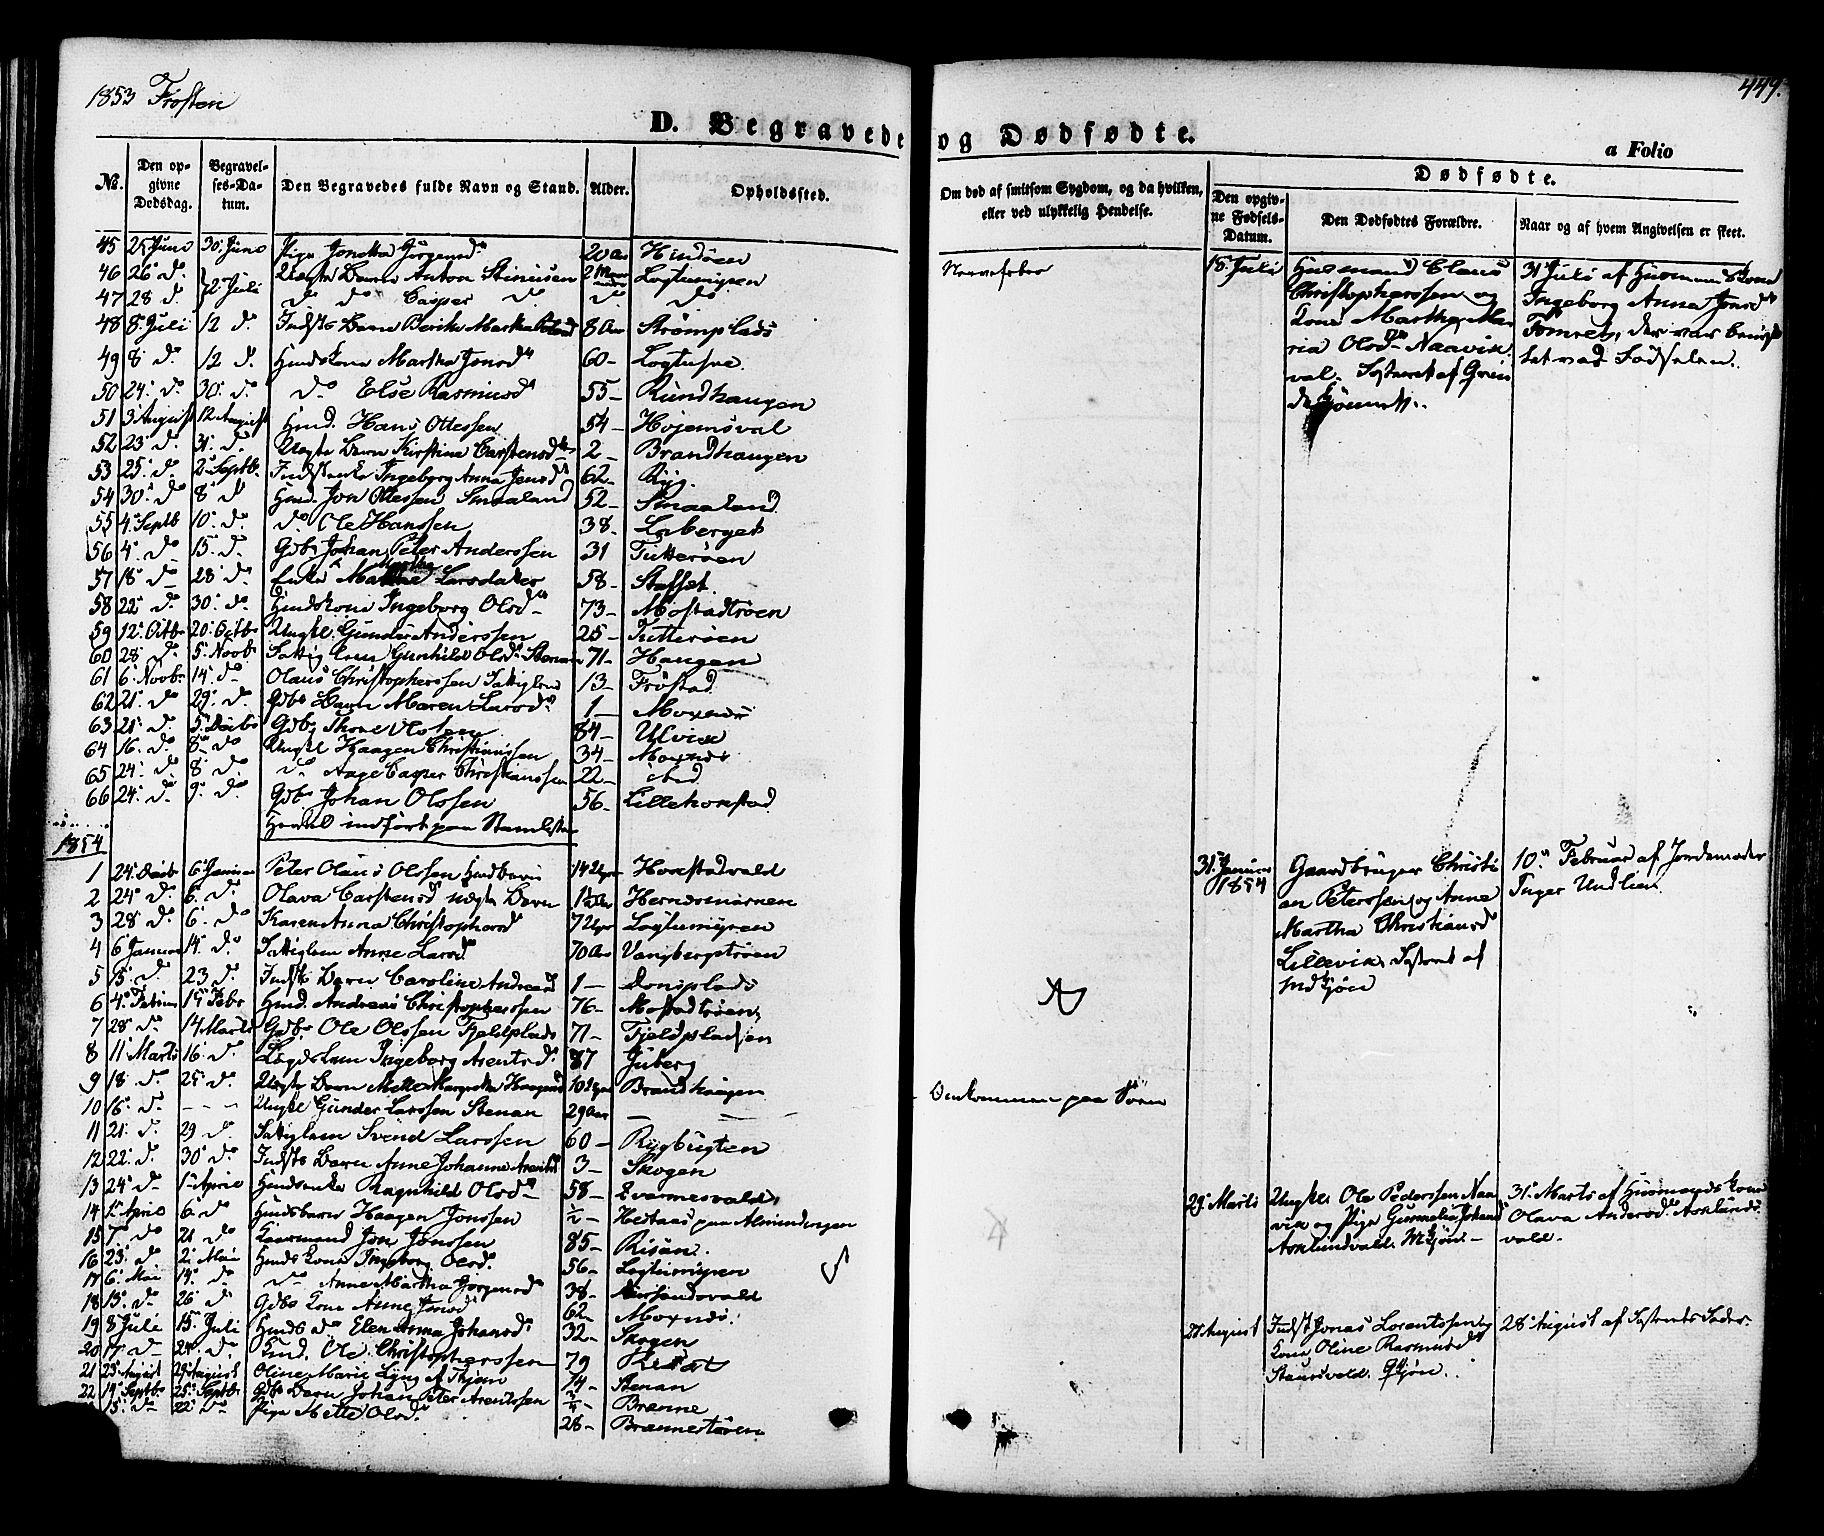 SAT, Ministerialprotokoller, klokkerbøker og fødselsregistre - Nord-Trøndelag, 713/L0116: Ministerialbok nr. 713A07 /1, 1850-1877, s. 449